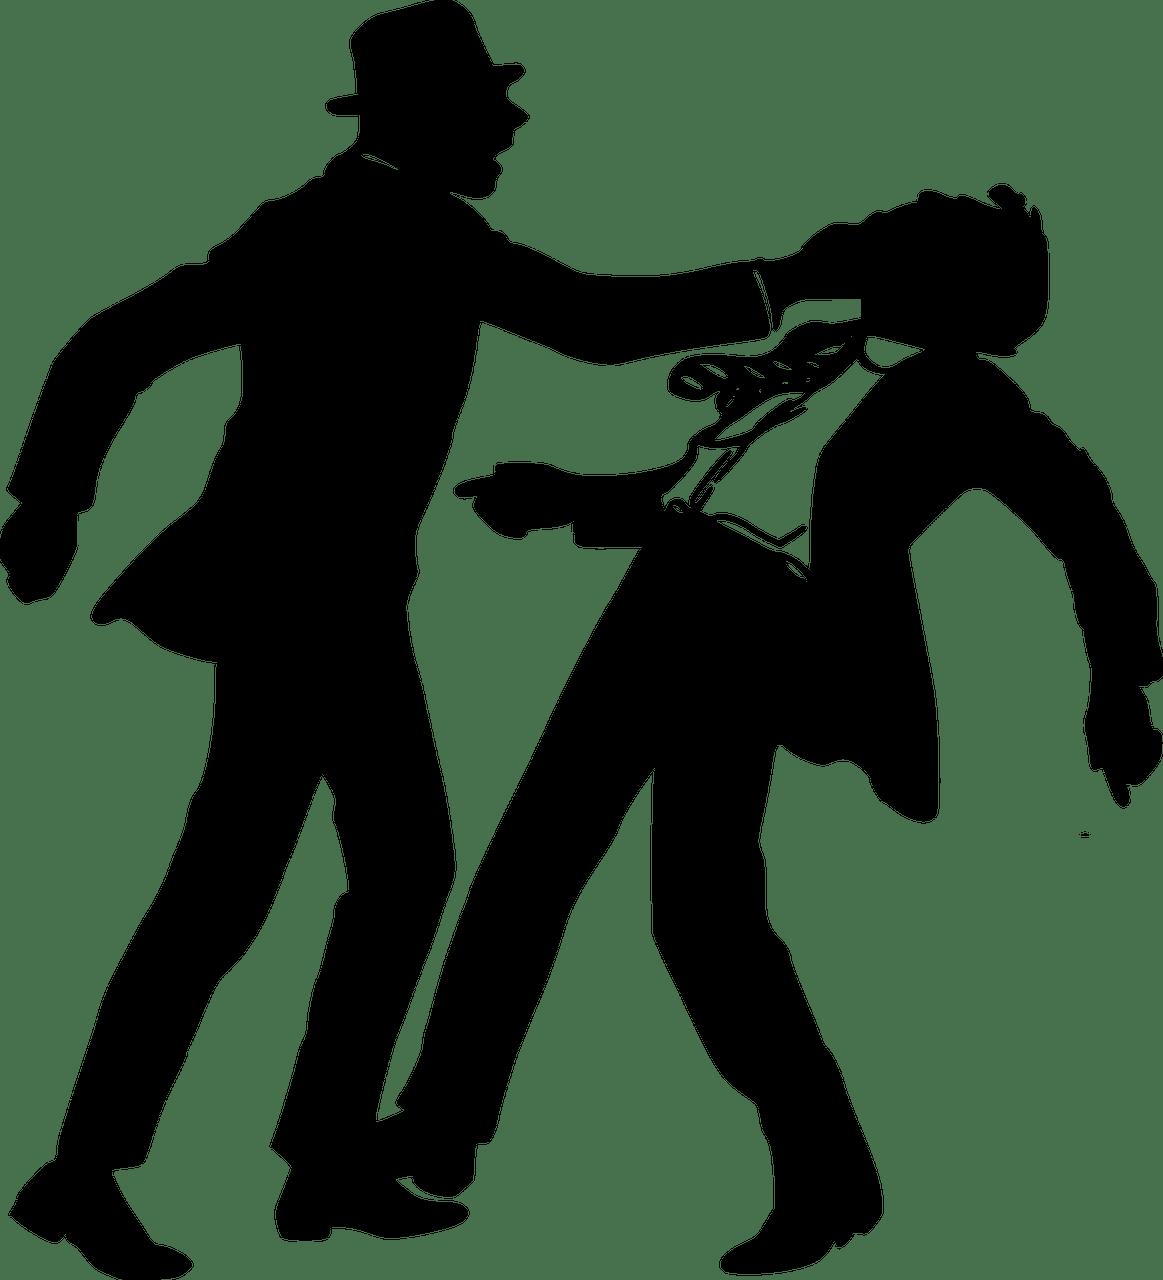 Har våldsreducering ett egenvärde? 16